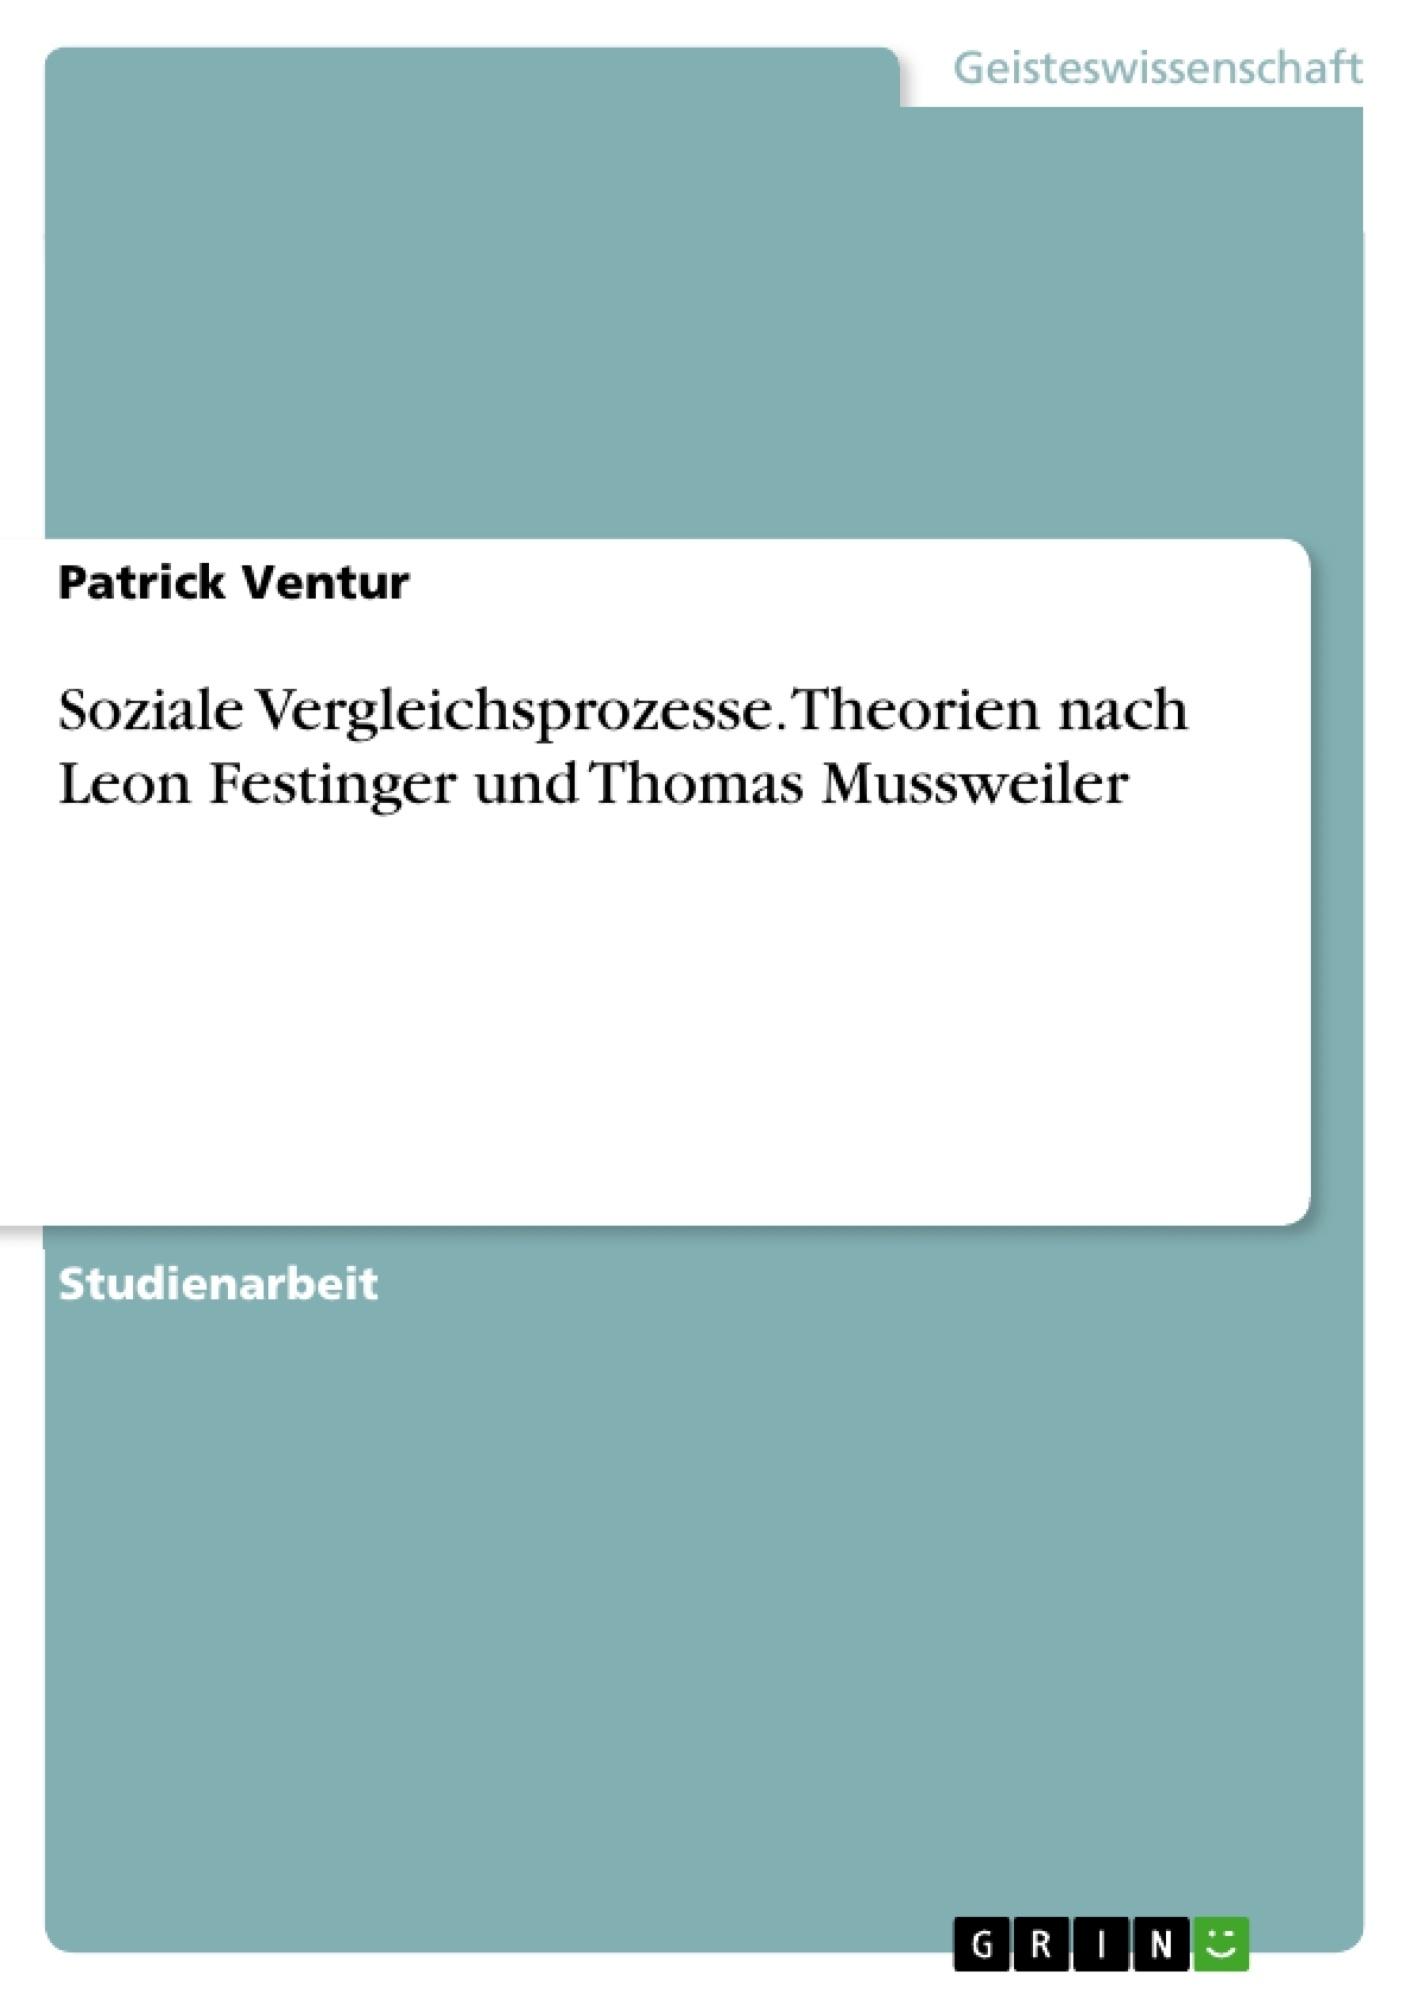 Titel: Soziale Vergleichsprozesse. Theorien nach Leon Festinger und Thomas Mussweiler